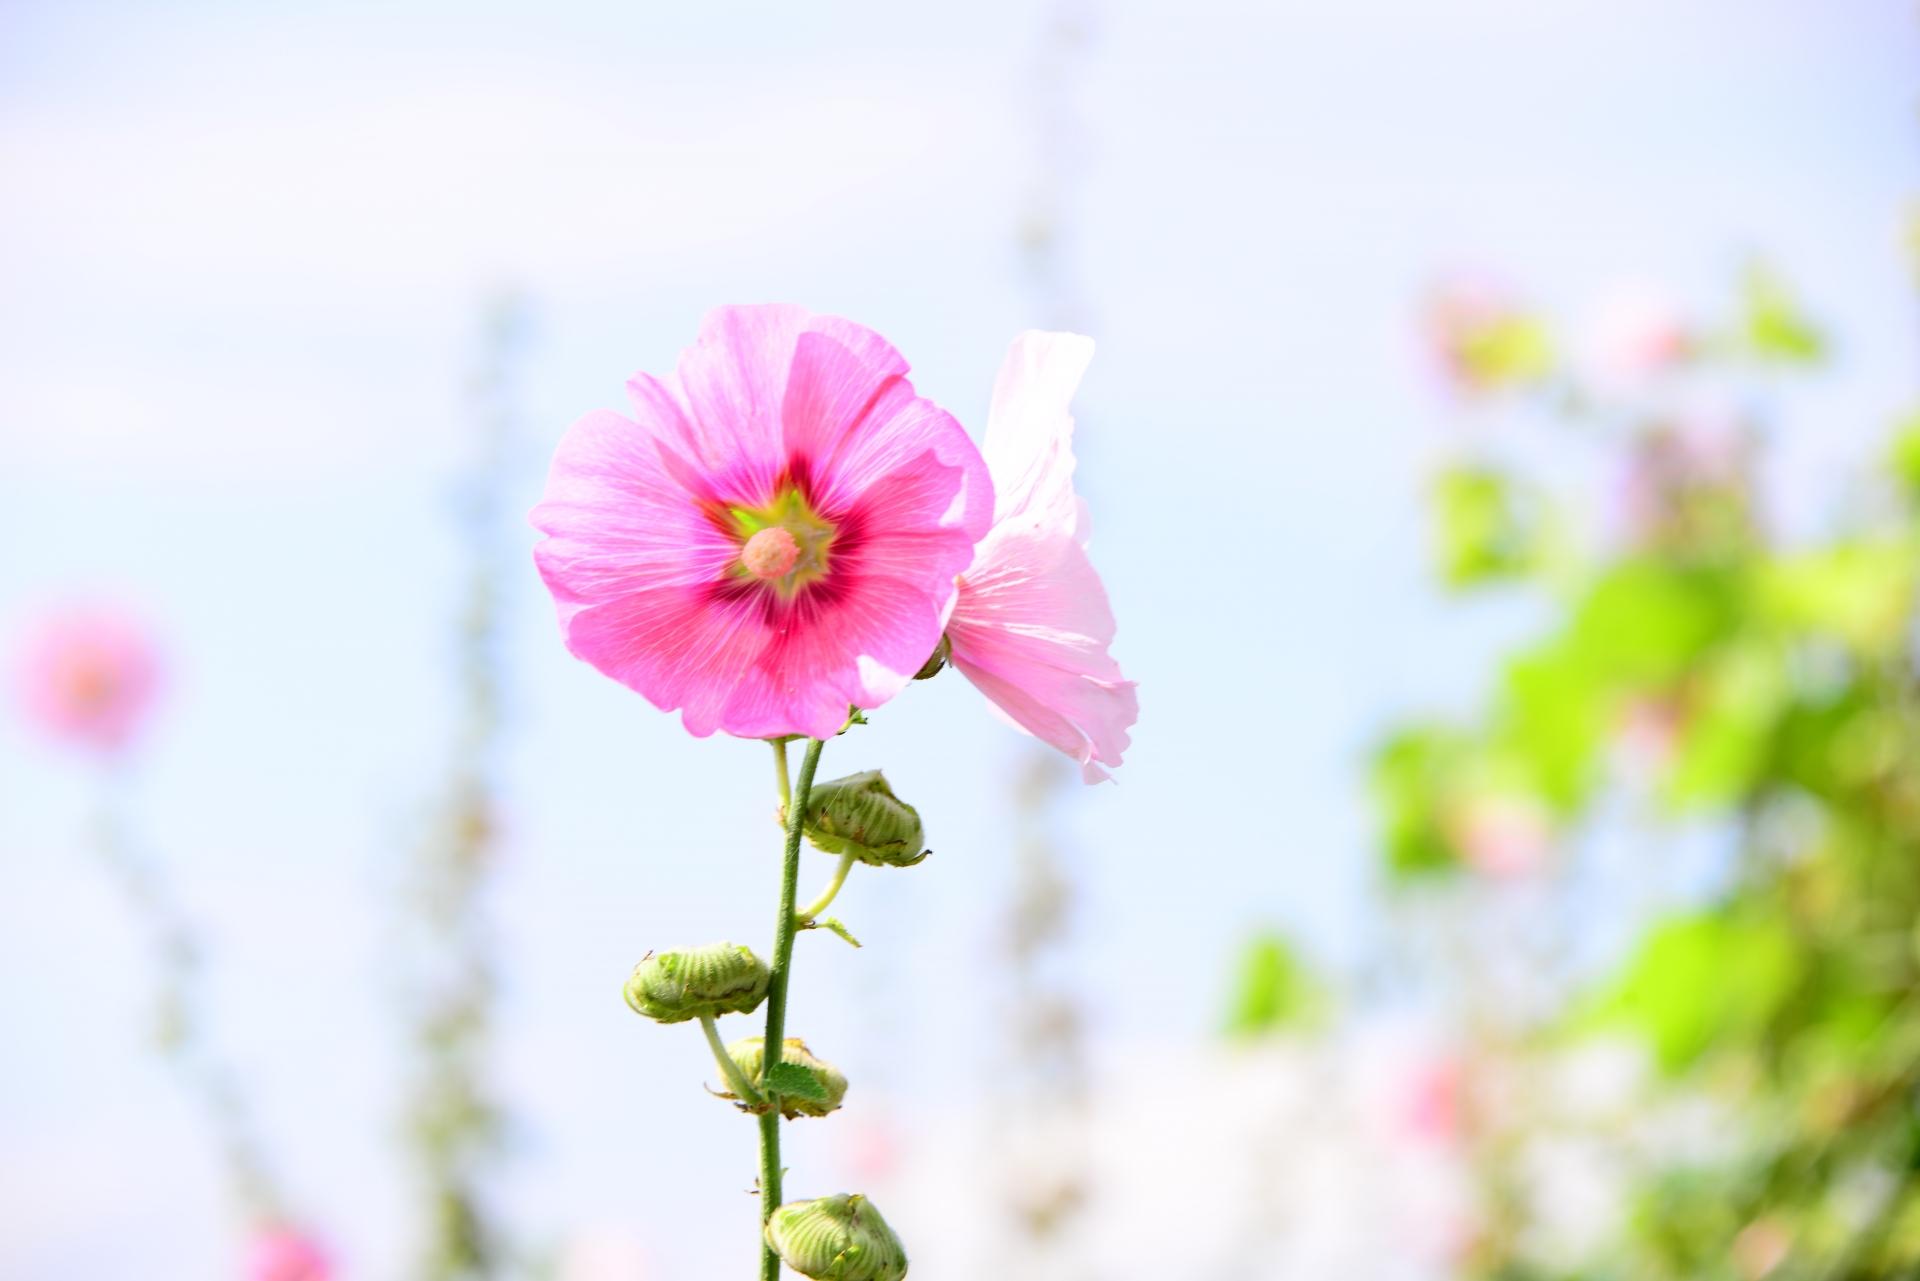 タチアオイは梅雨明けを知らせる花!?開花時期や見頃はいつ?